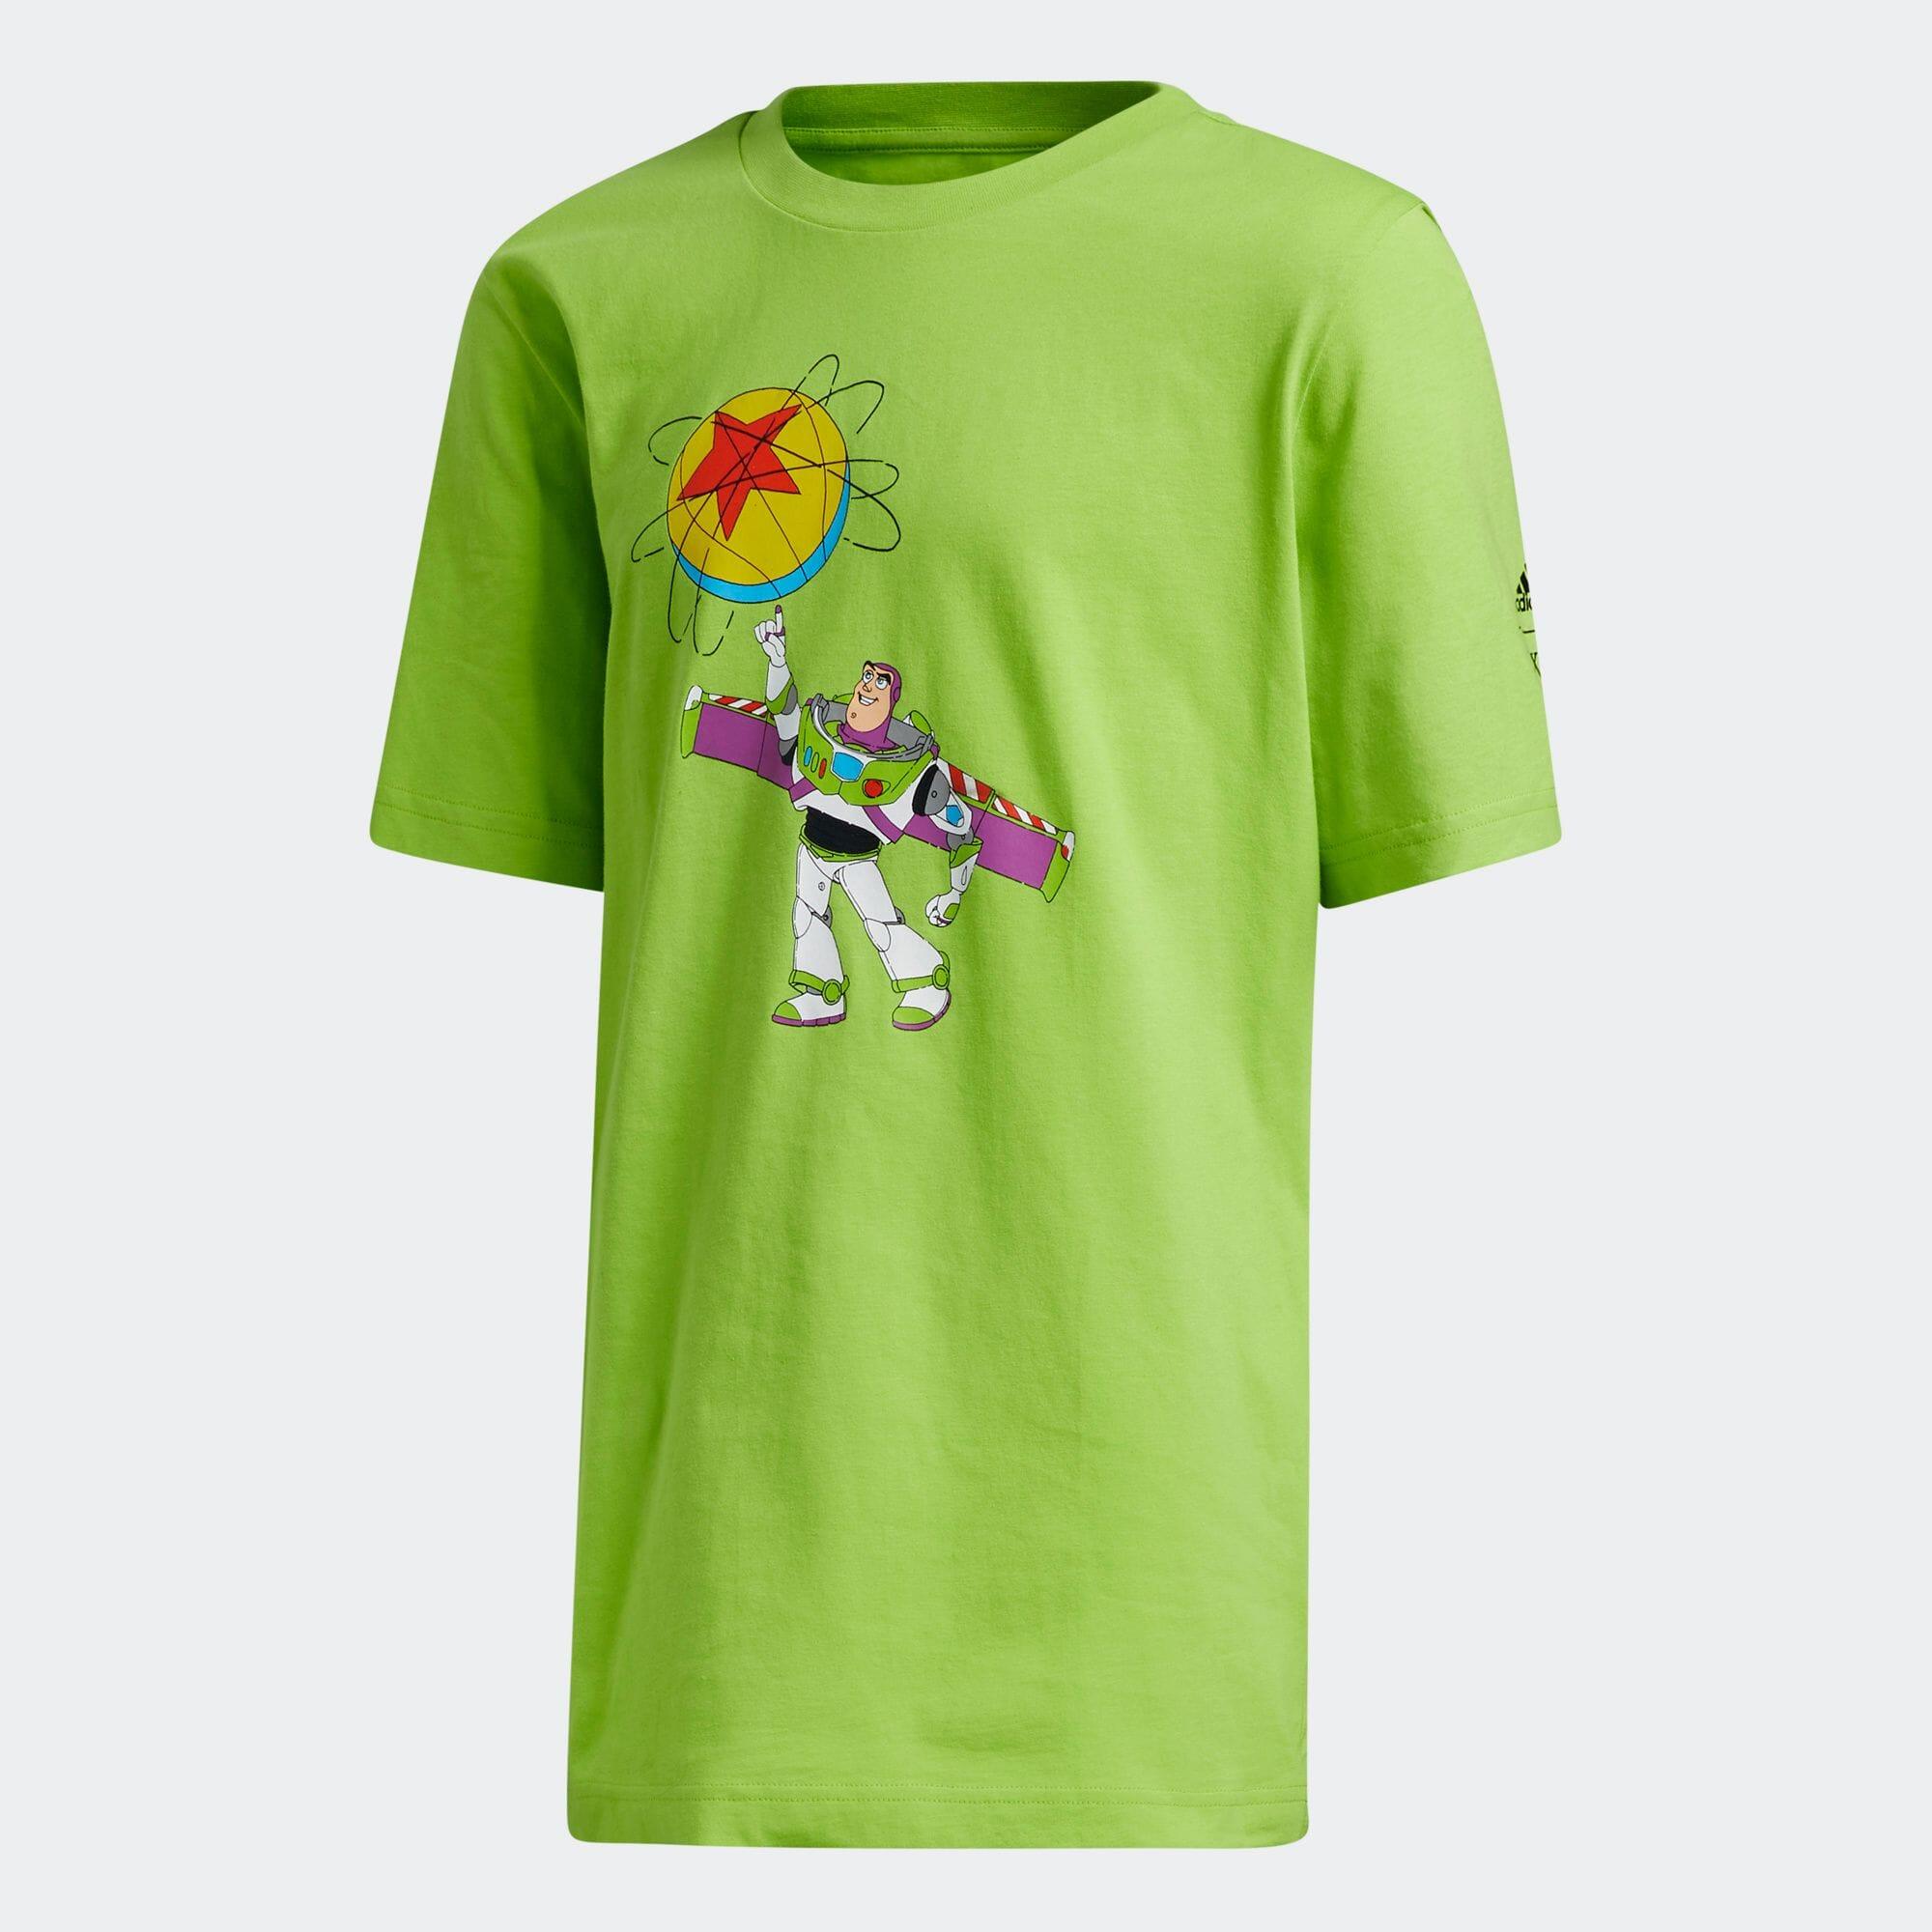 バズ × ルクソー バスケットボール トイ・ストーリー Tシャツ / Buzz × Luxo Basketball Toy Story Tee